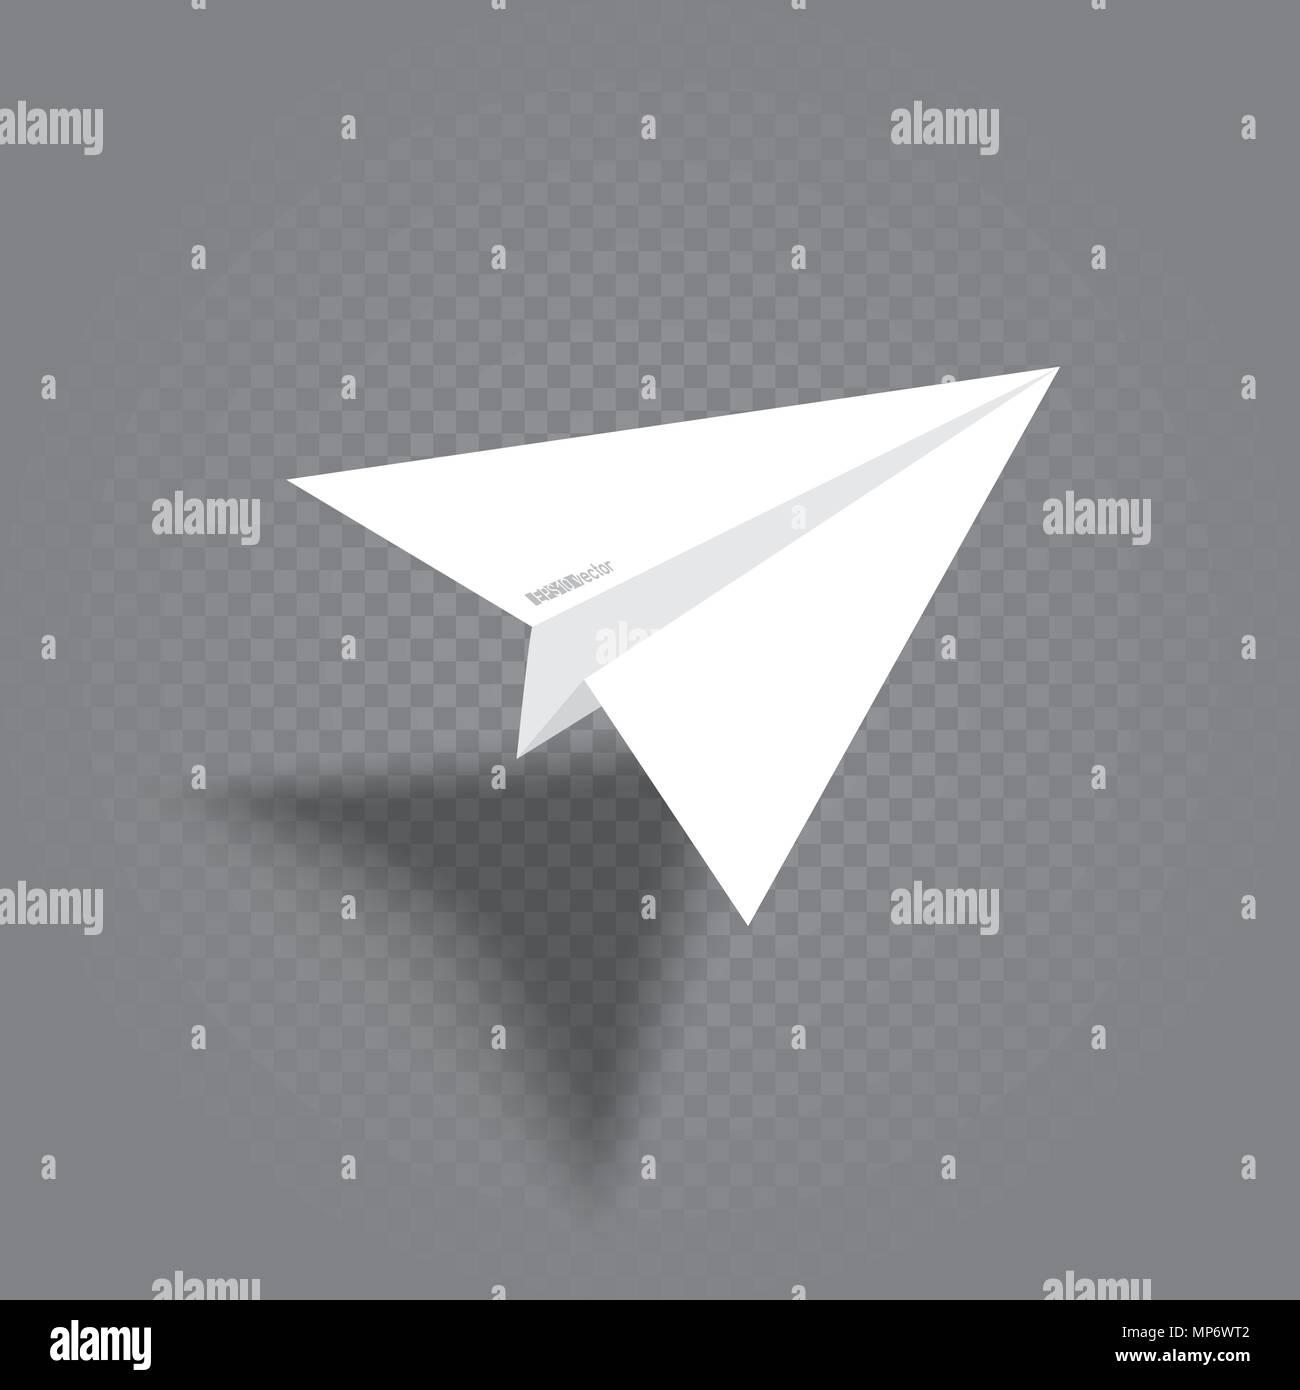 Avion origami blanc avec ombre Illustration de Vecteur